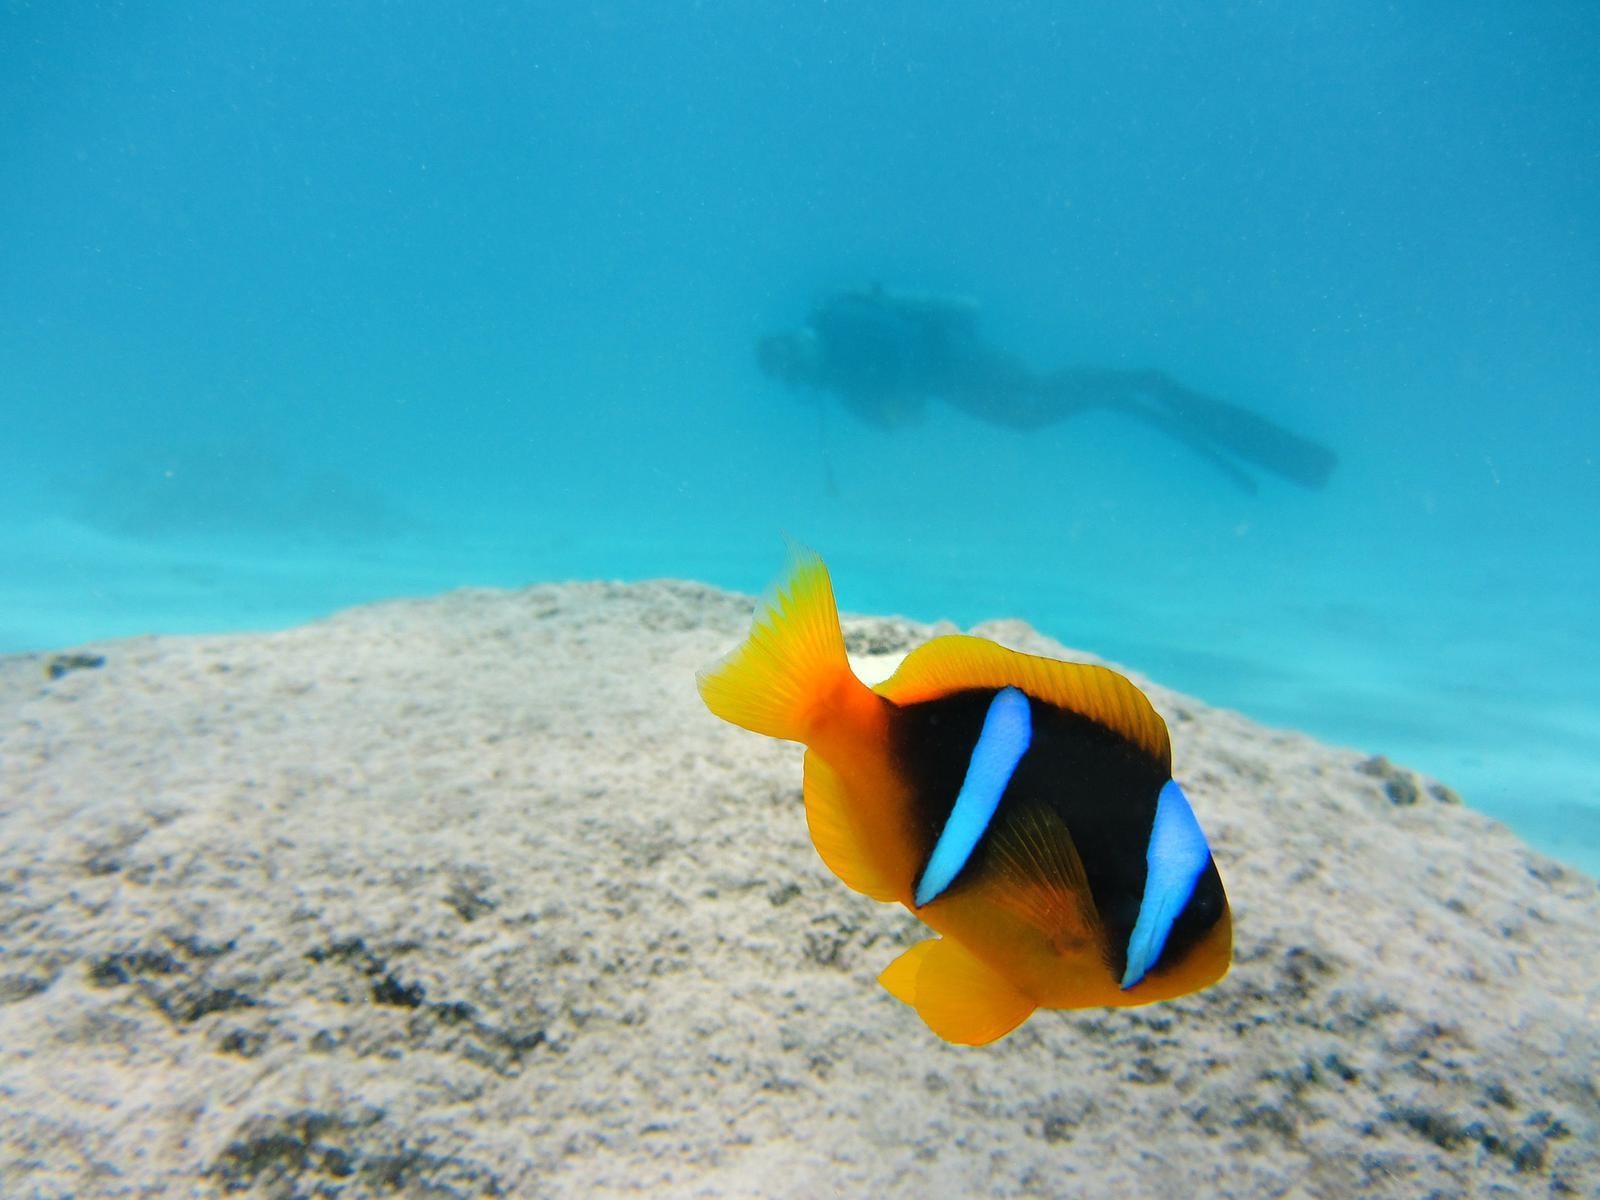 clown-fish-141696_1920